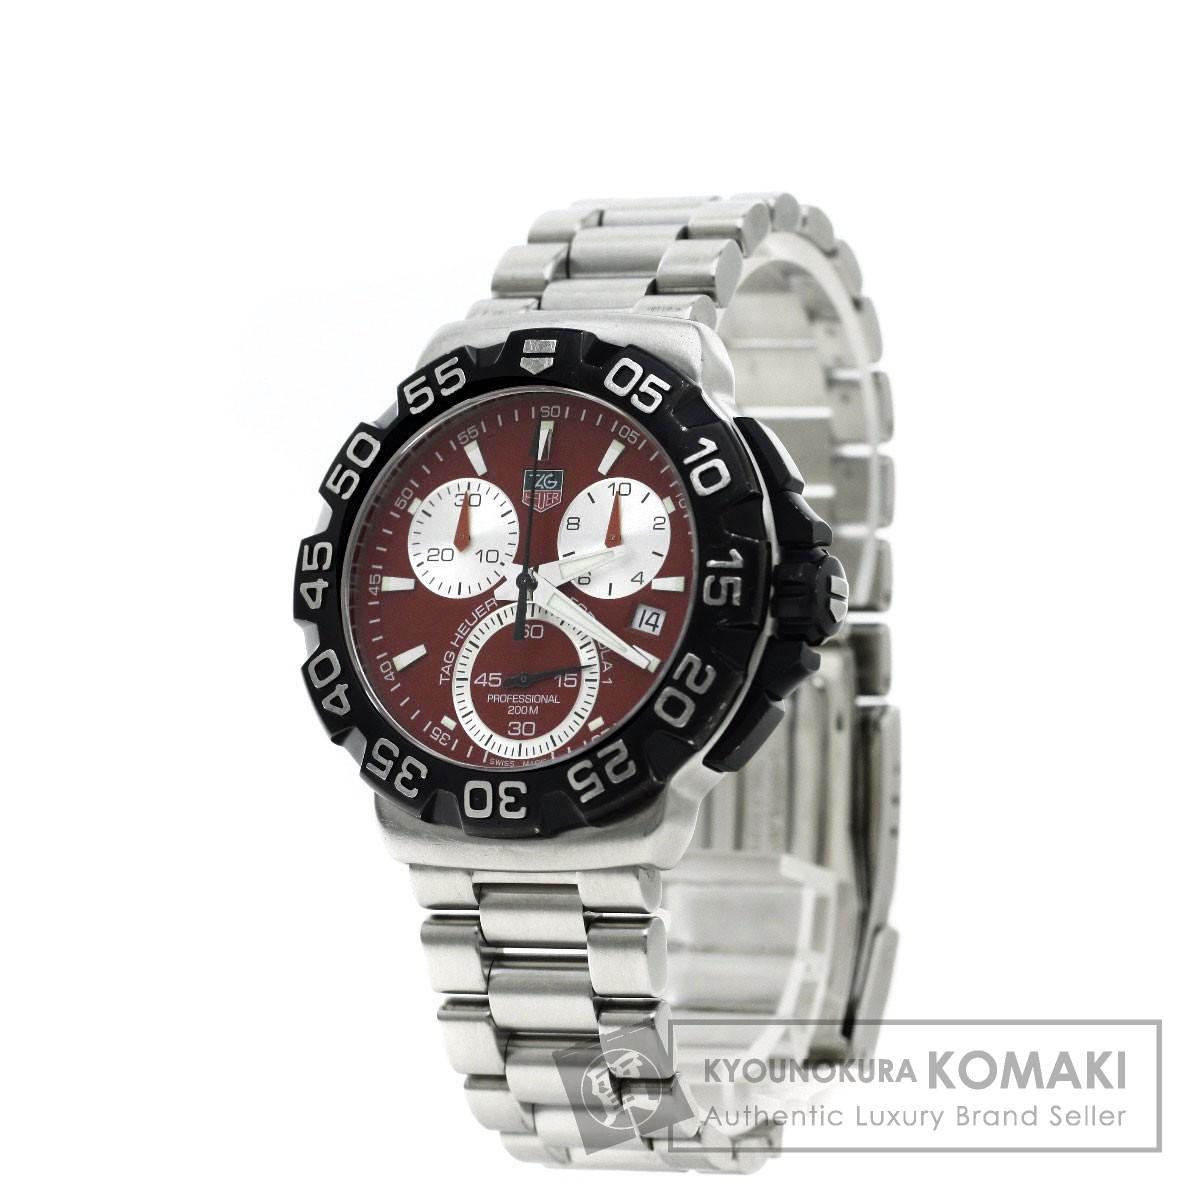 TAG HEUER CAH1112 フォーミュラ1 腕時計 ステンレス メンズ 【中古】【タグホイヤー】